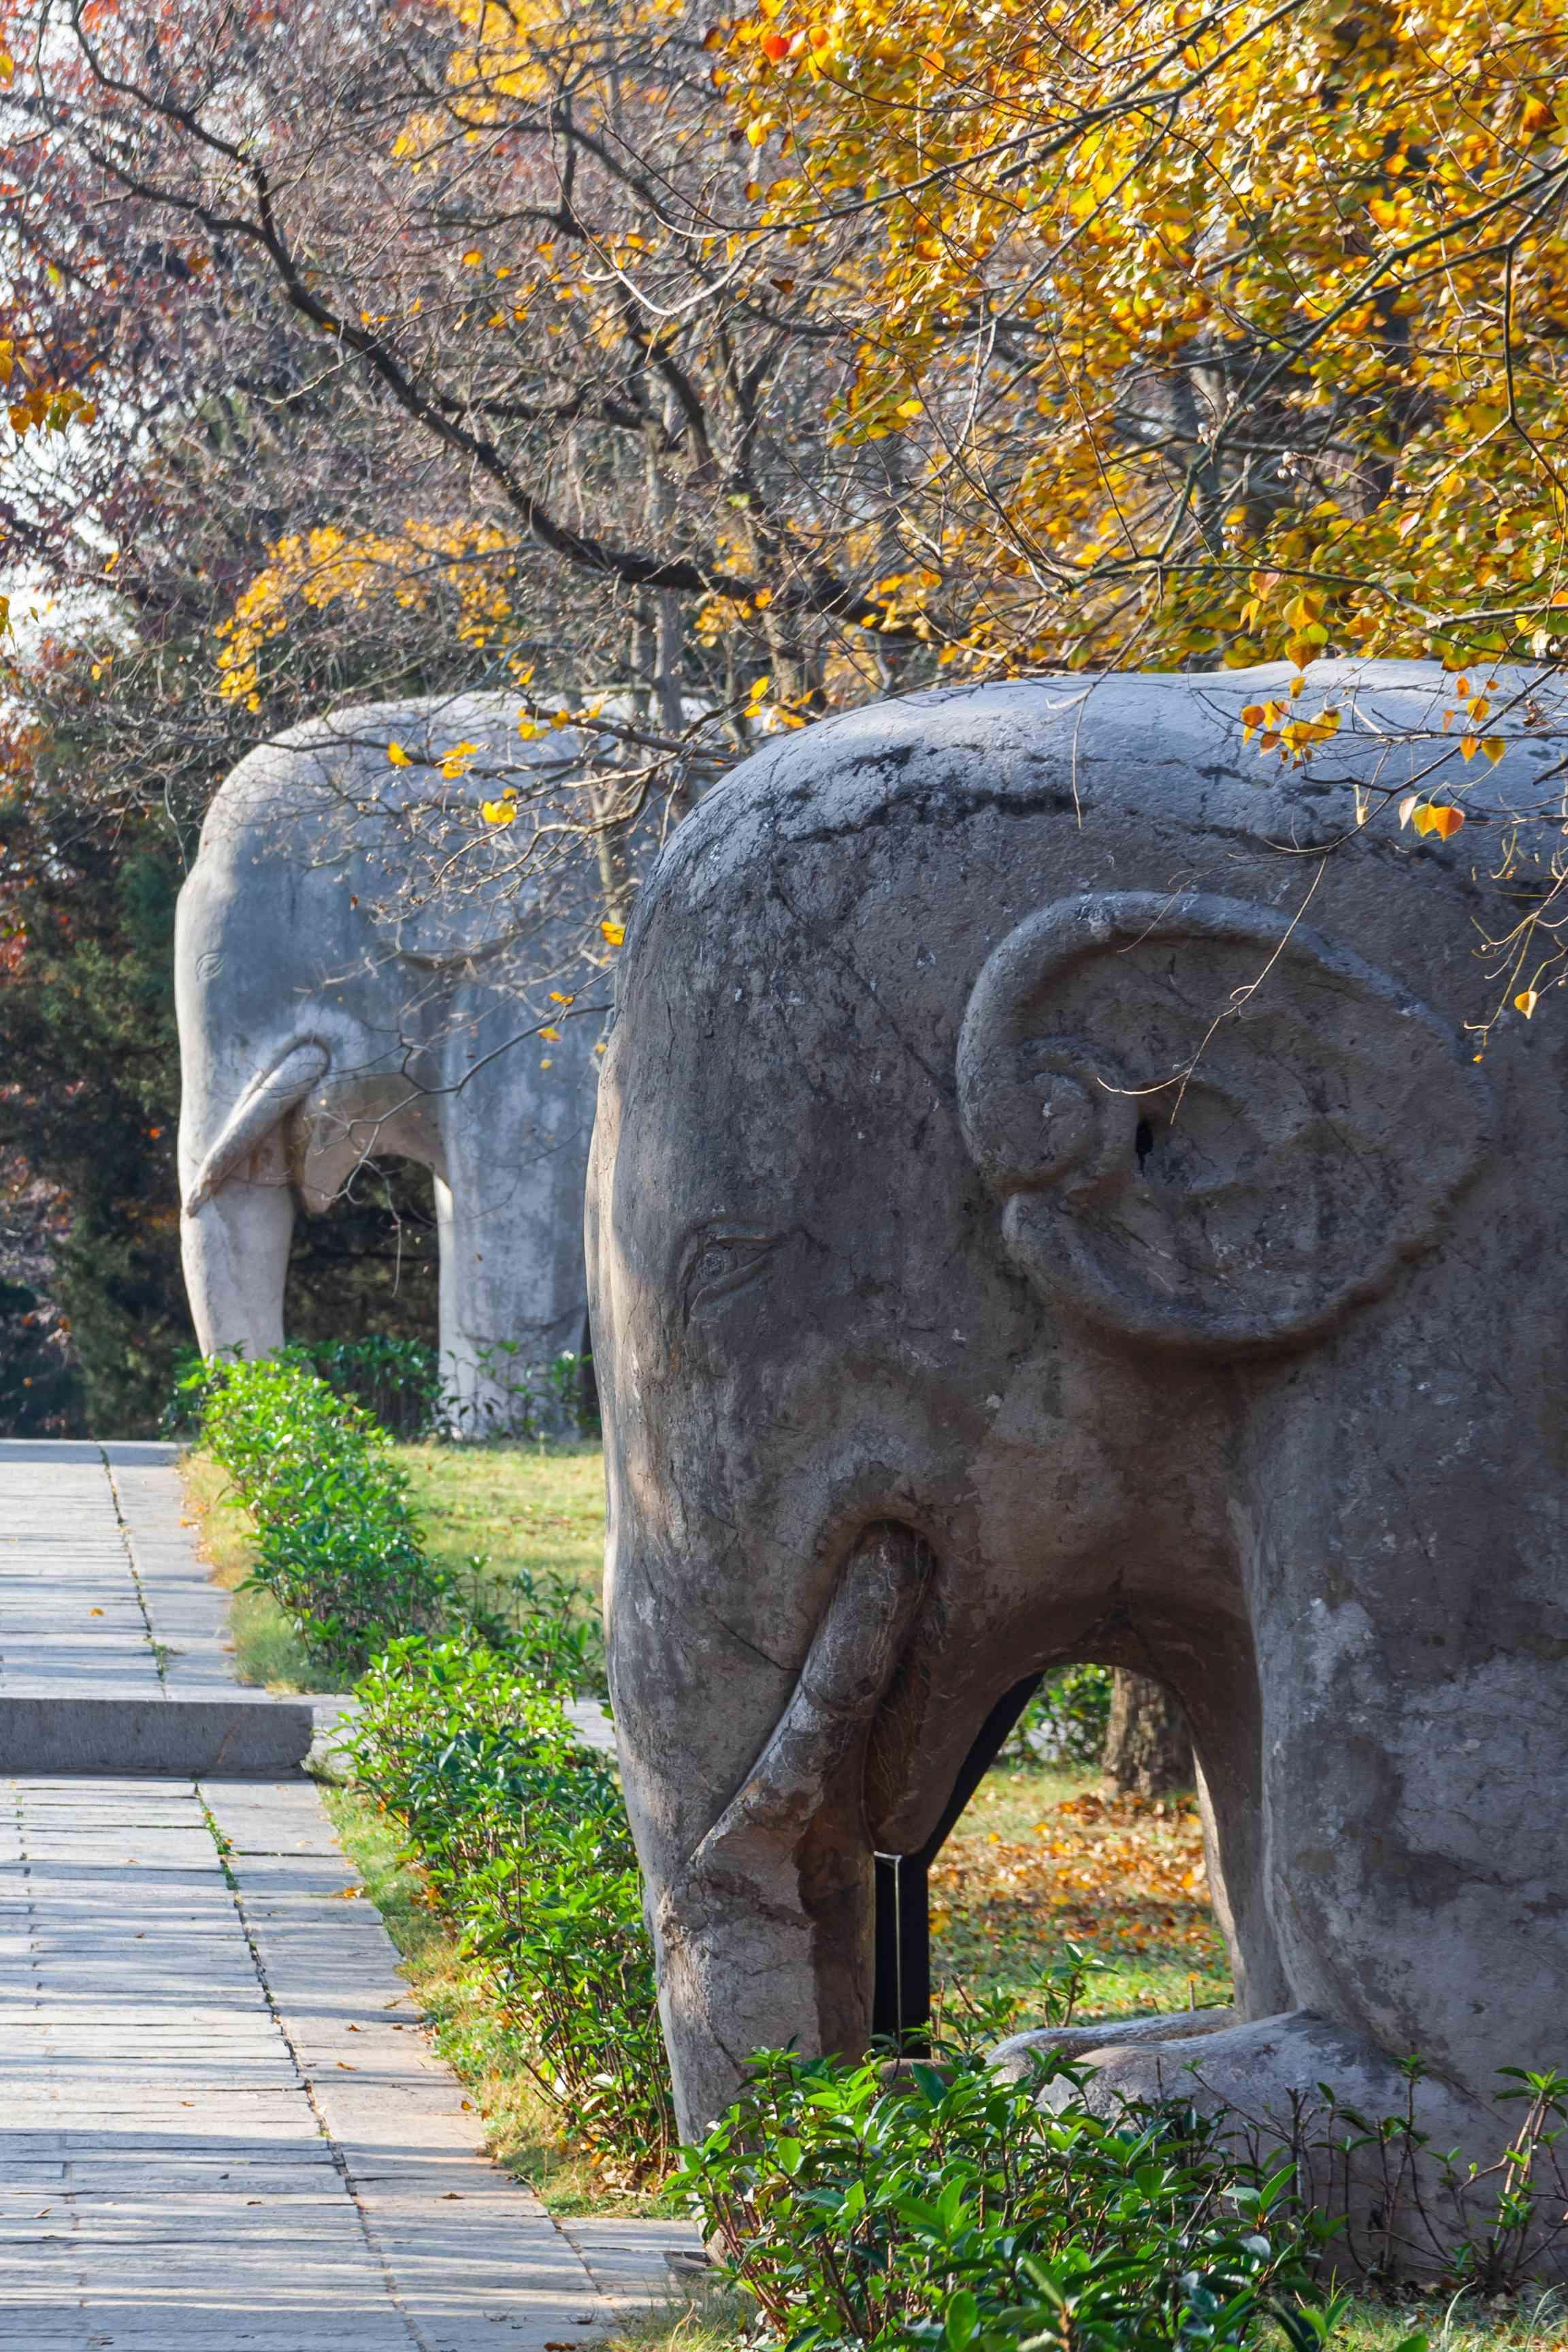 Ming xiaoling stone statue road shendao, a famous historical site in nanjing,jiangsu province, China